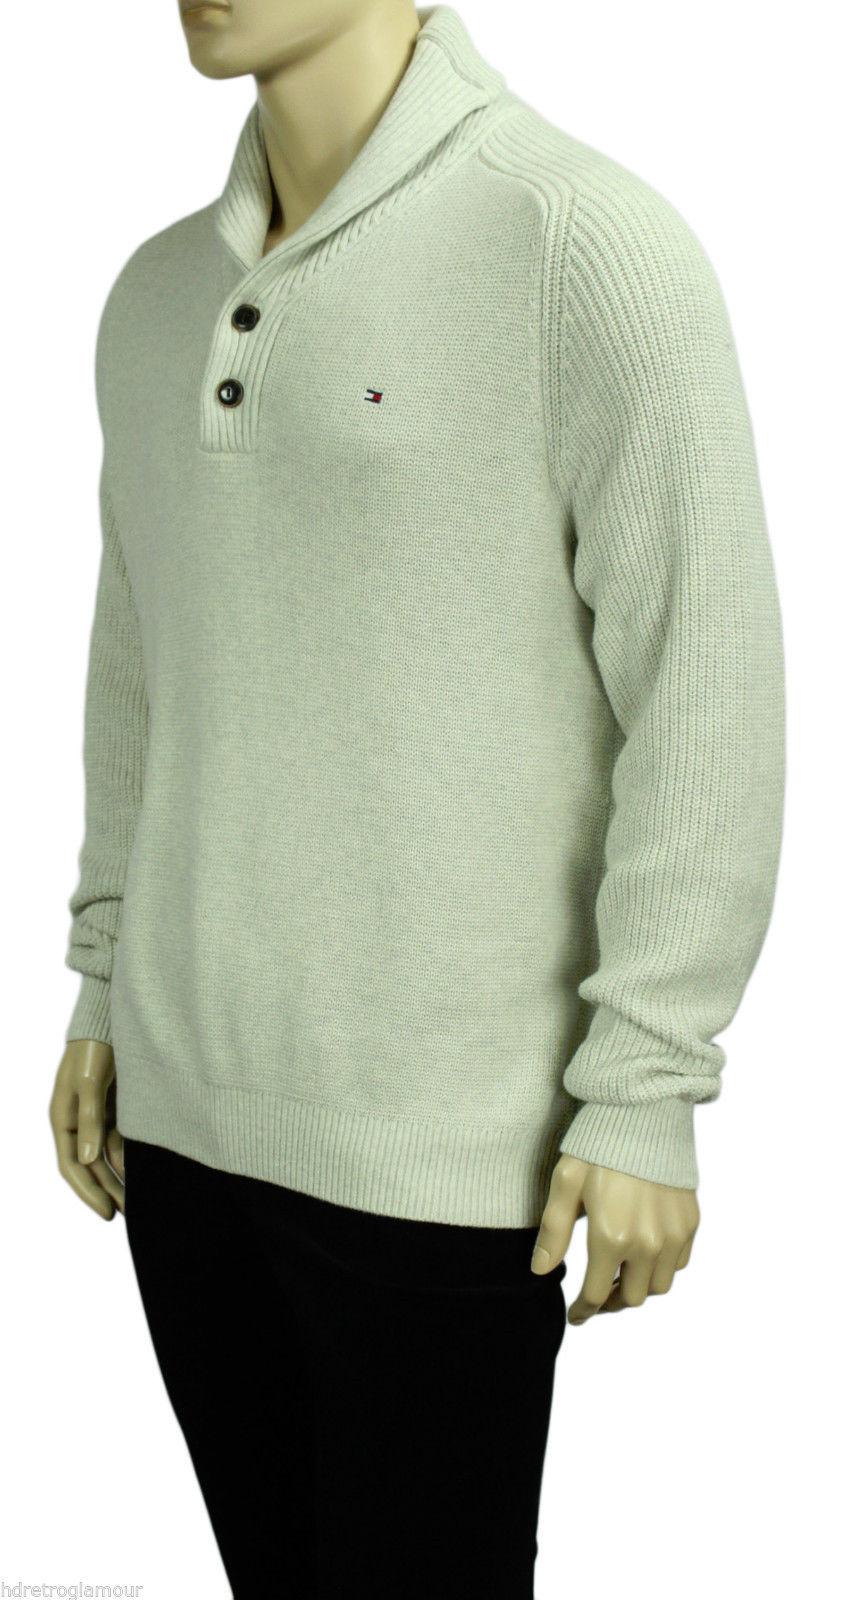 9267da2df83a New Tommy Hilfiger Adler Shawl Collar Raglan and 50 similar items